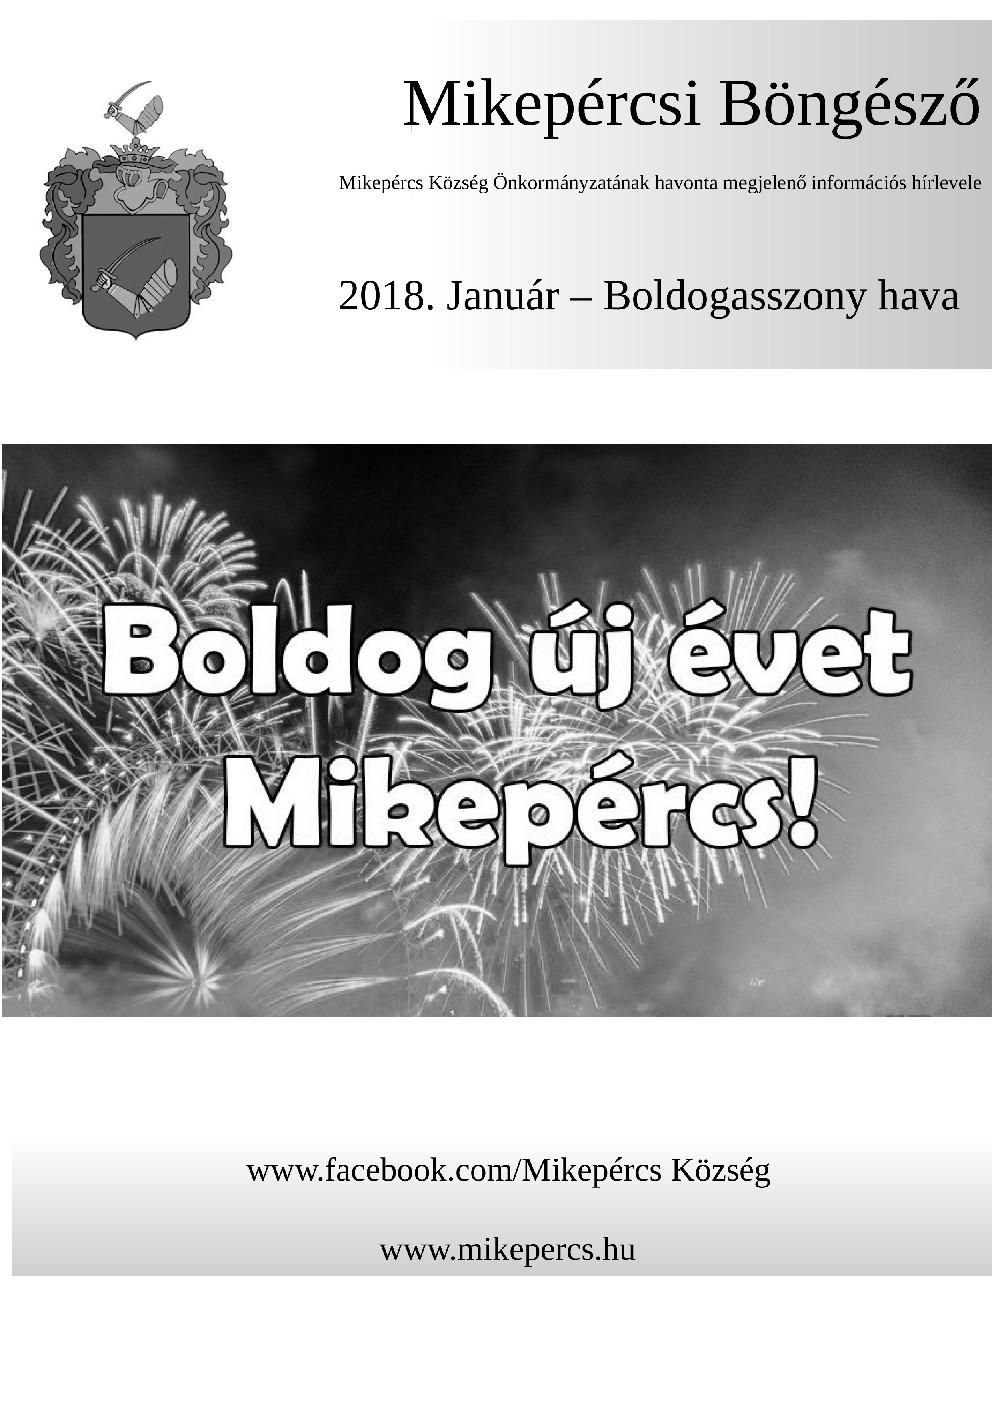 Mikepércsi Böngésző 2018. Január